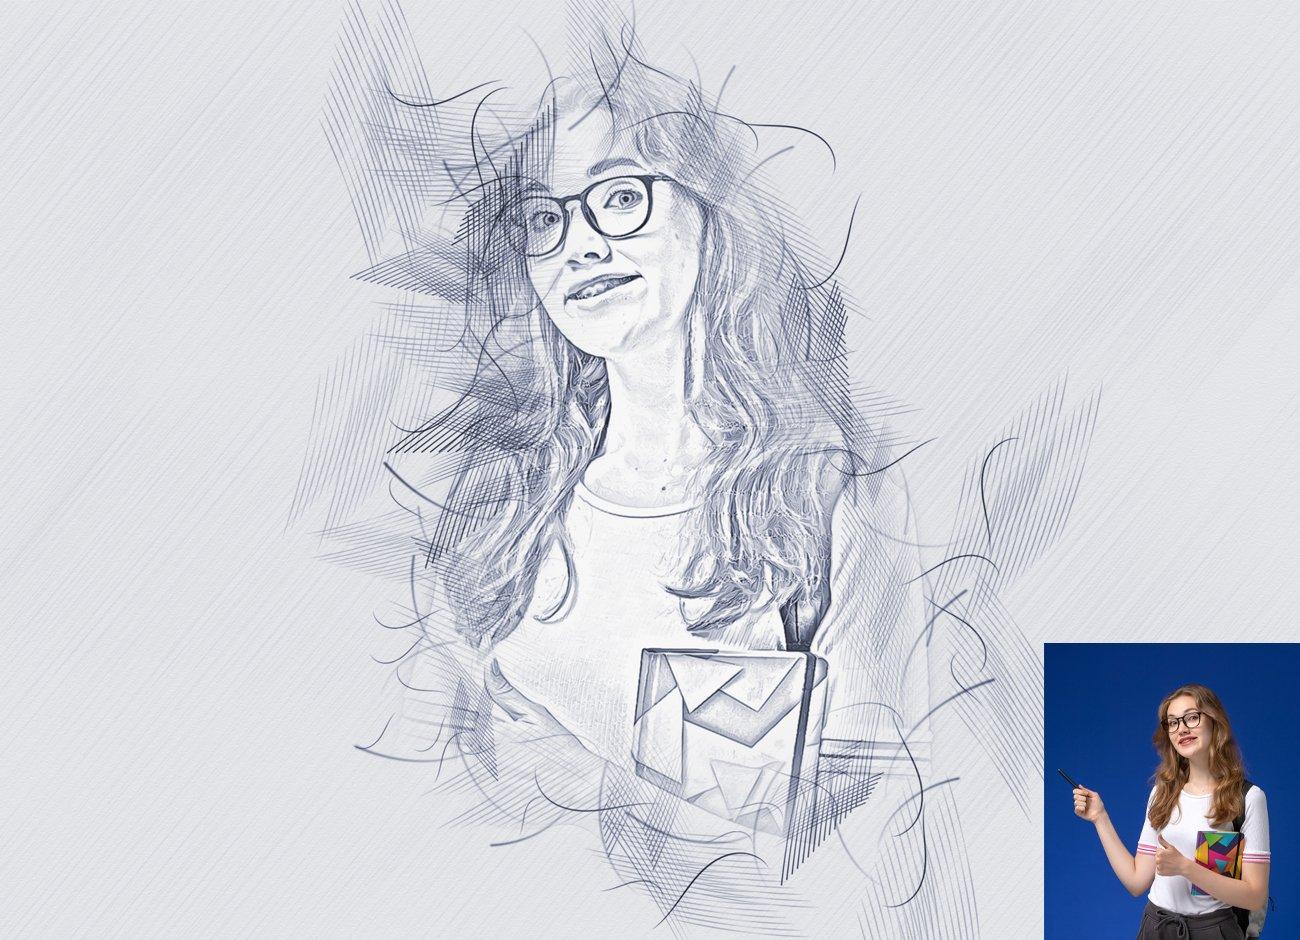 铅笔手绘素描效果照片处理特效PS动作模板 Hand Drawing Sketch Photoshop Action插图1